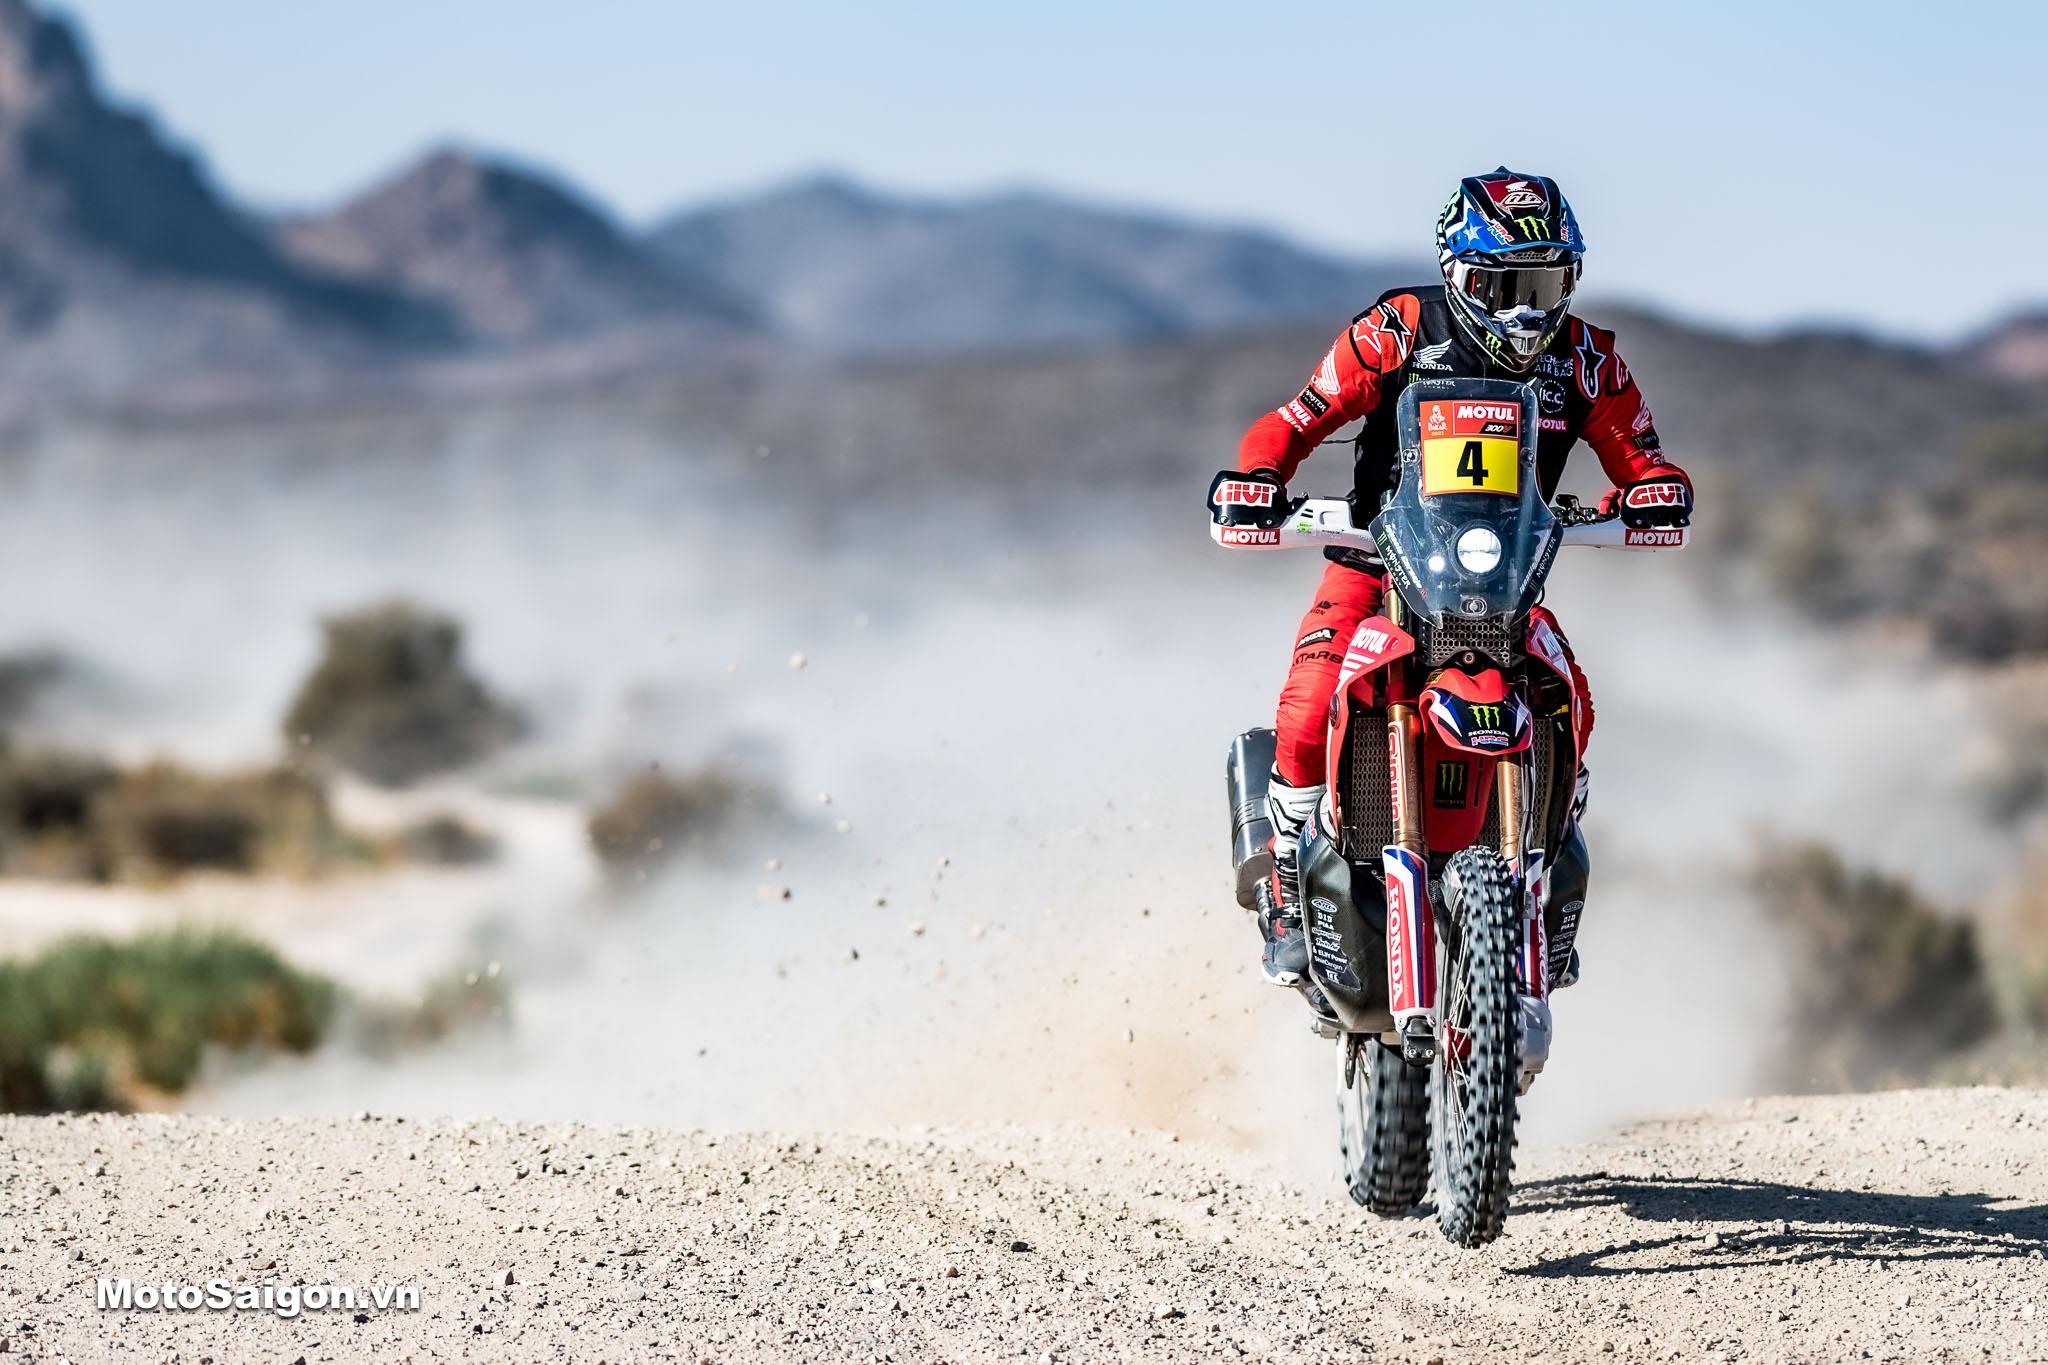 HVN thường xuyên cập nhật thông tin về đội đua Honda Racing Coporation và các giải đua quốc tế